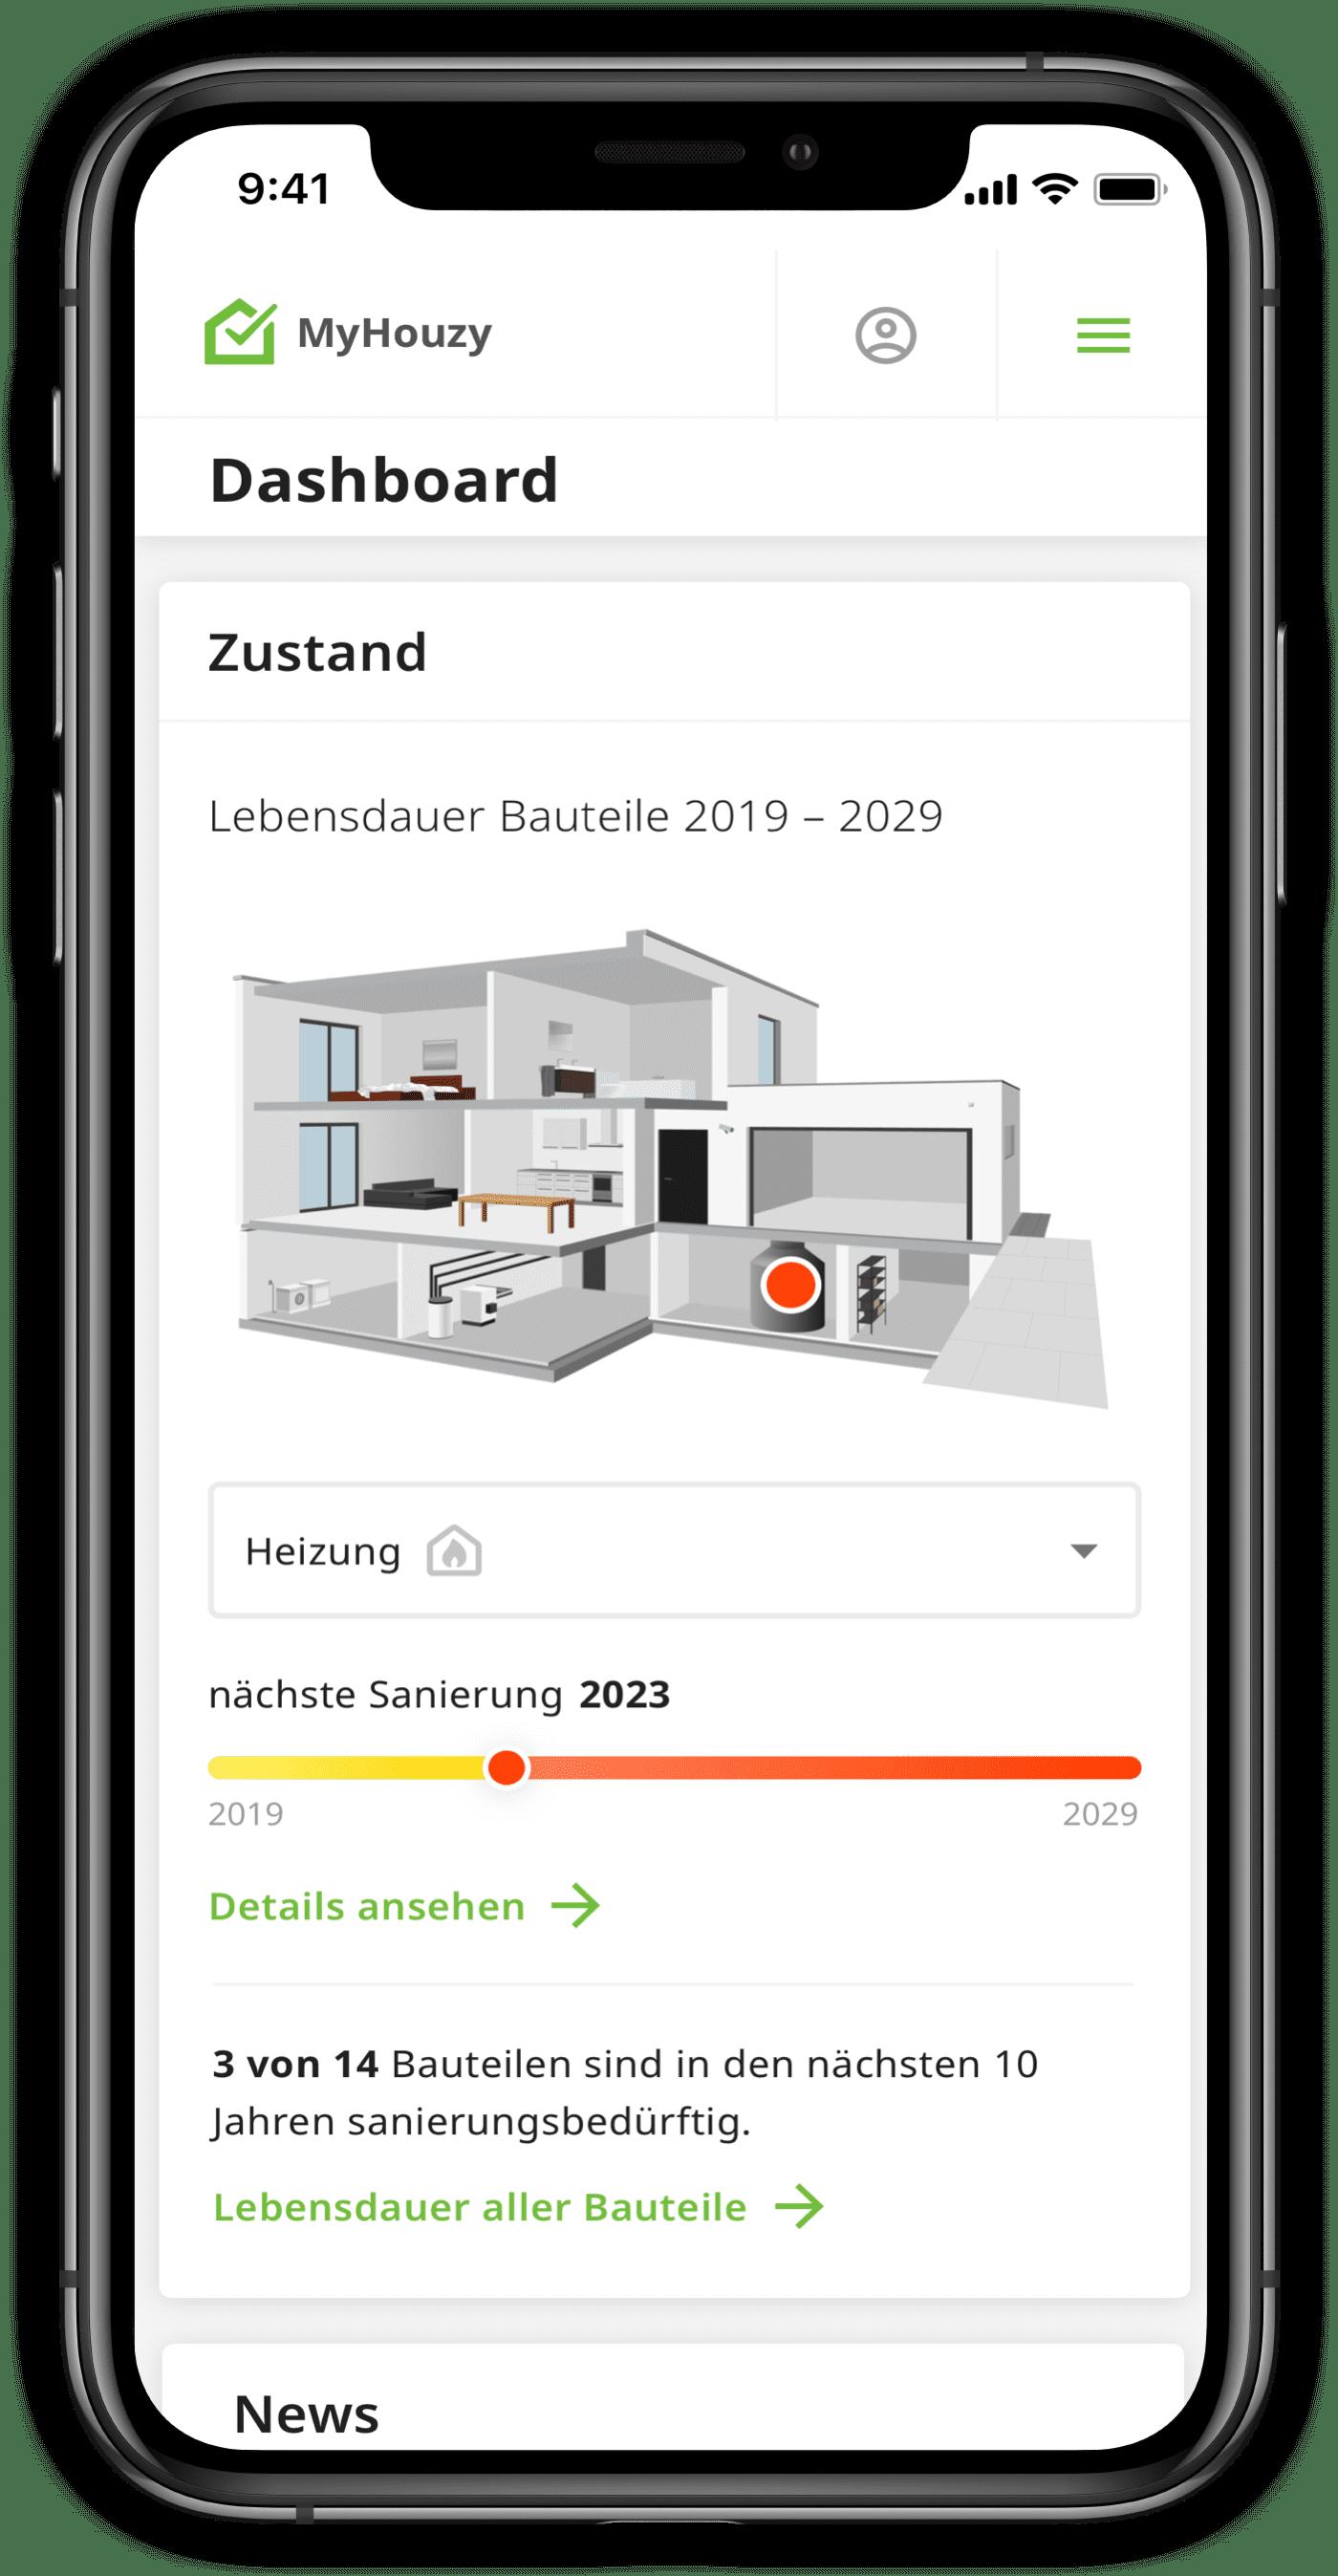 MyHouzy Dashboard mit Hauszustands-Analyse